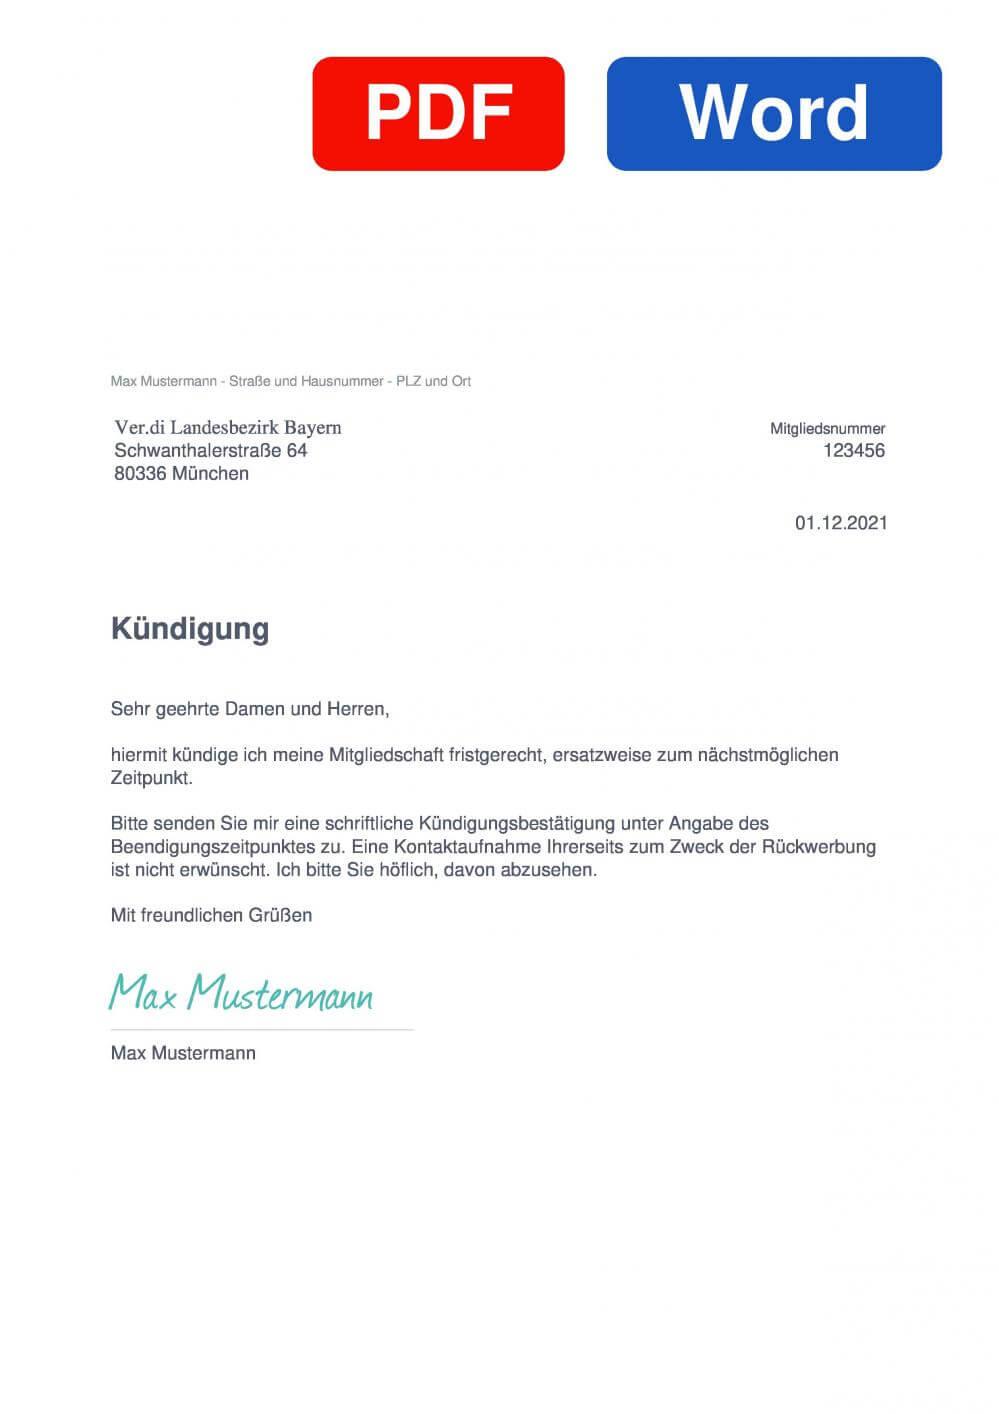 Verdi Landesbezirk Bayern Muster Vorlage für Kündigungsschreiben